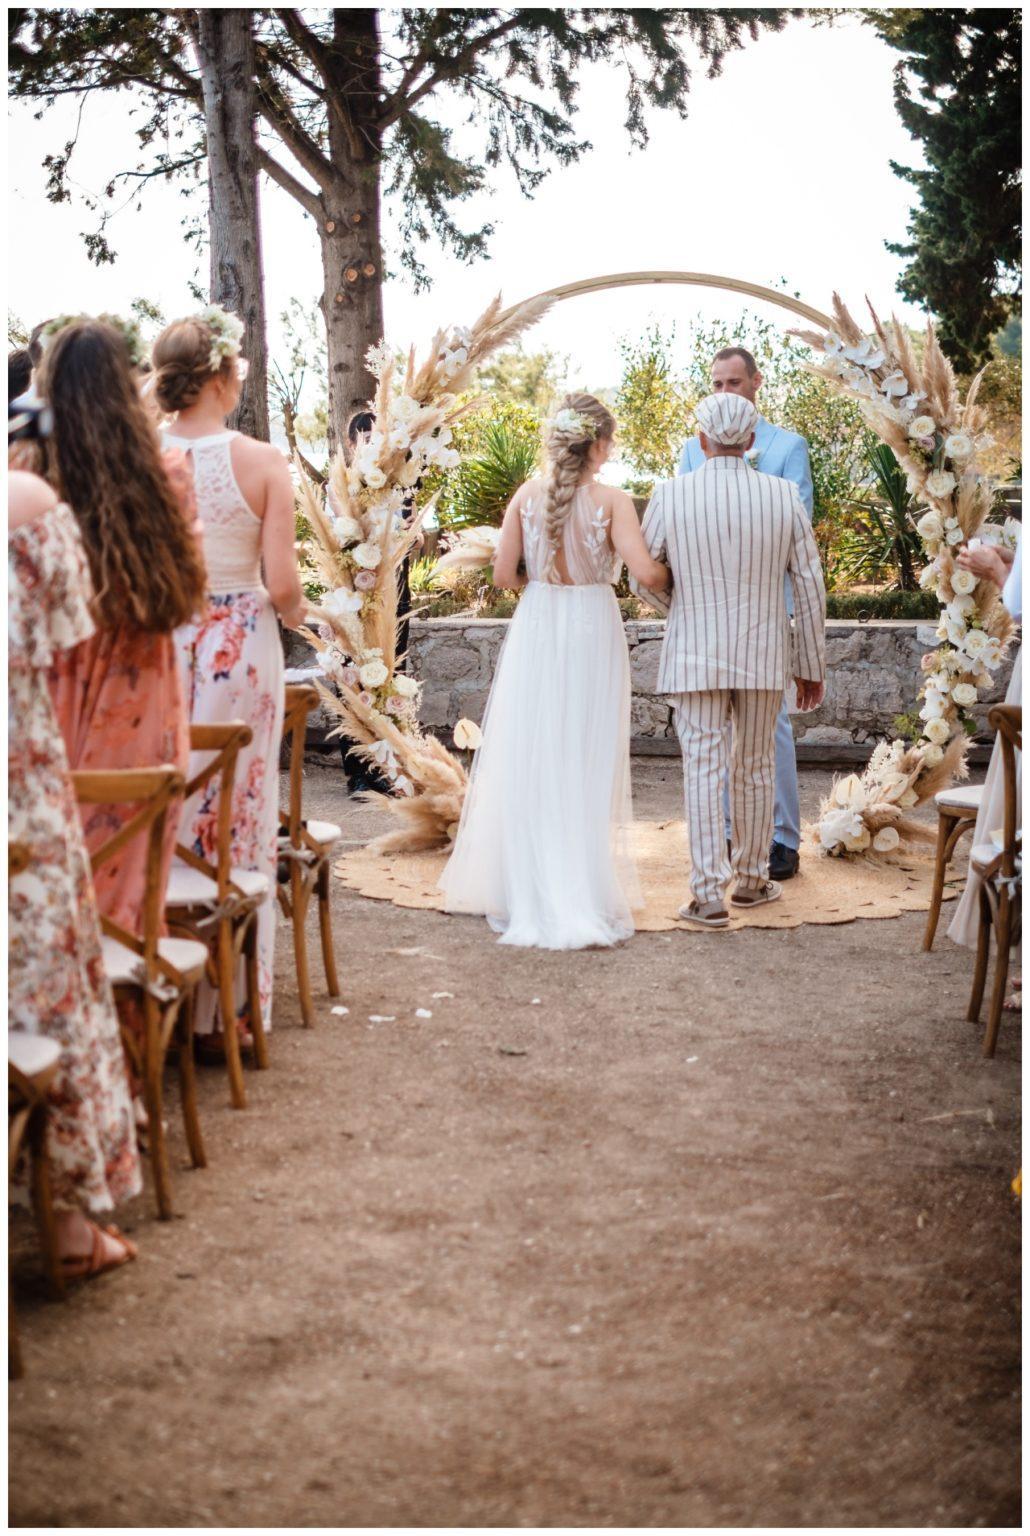 hochzeit brac inse boho heiraten kroatien hochzeitsplaner 28 - Glam Boho Hochzeit auf der Insel Brač